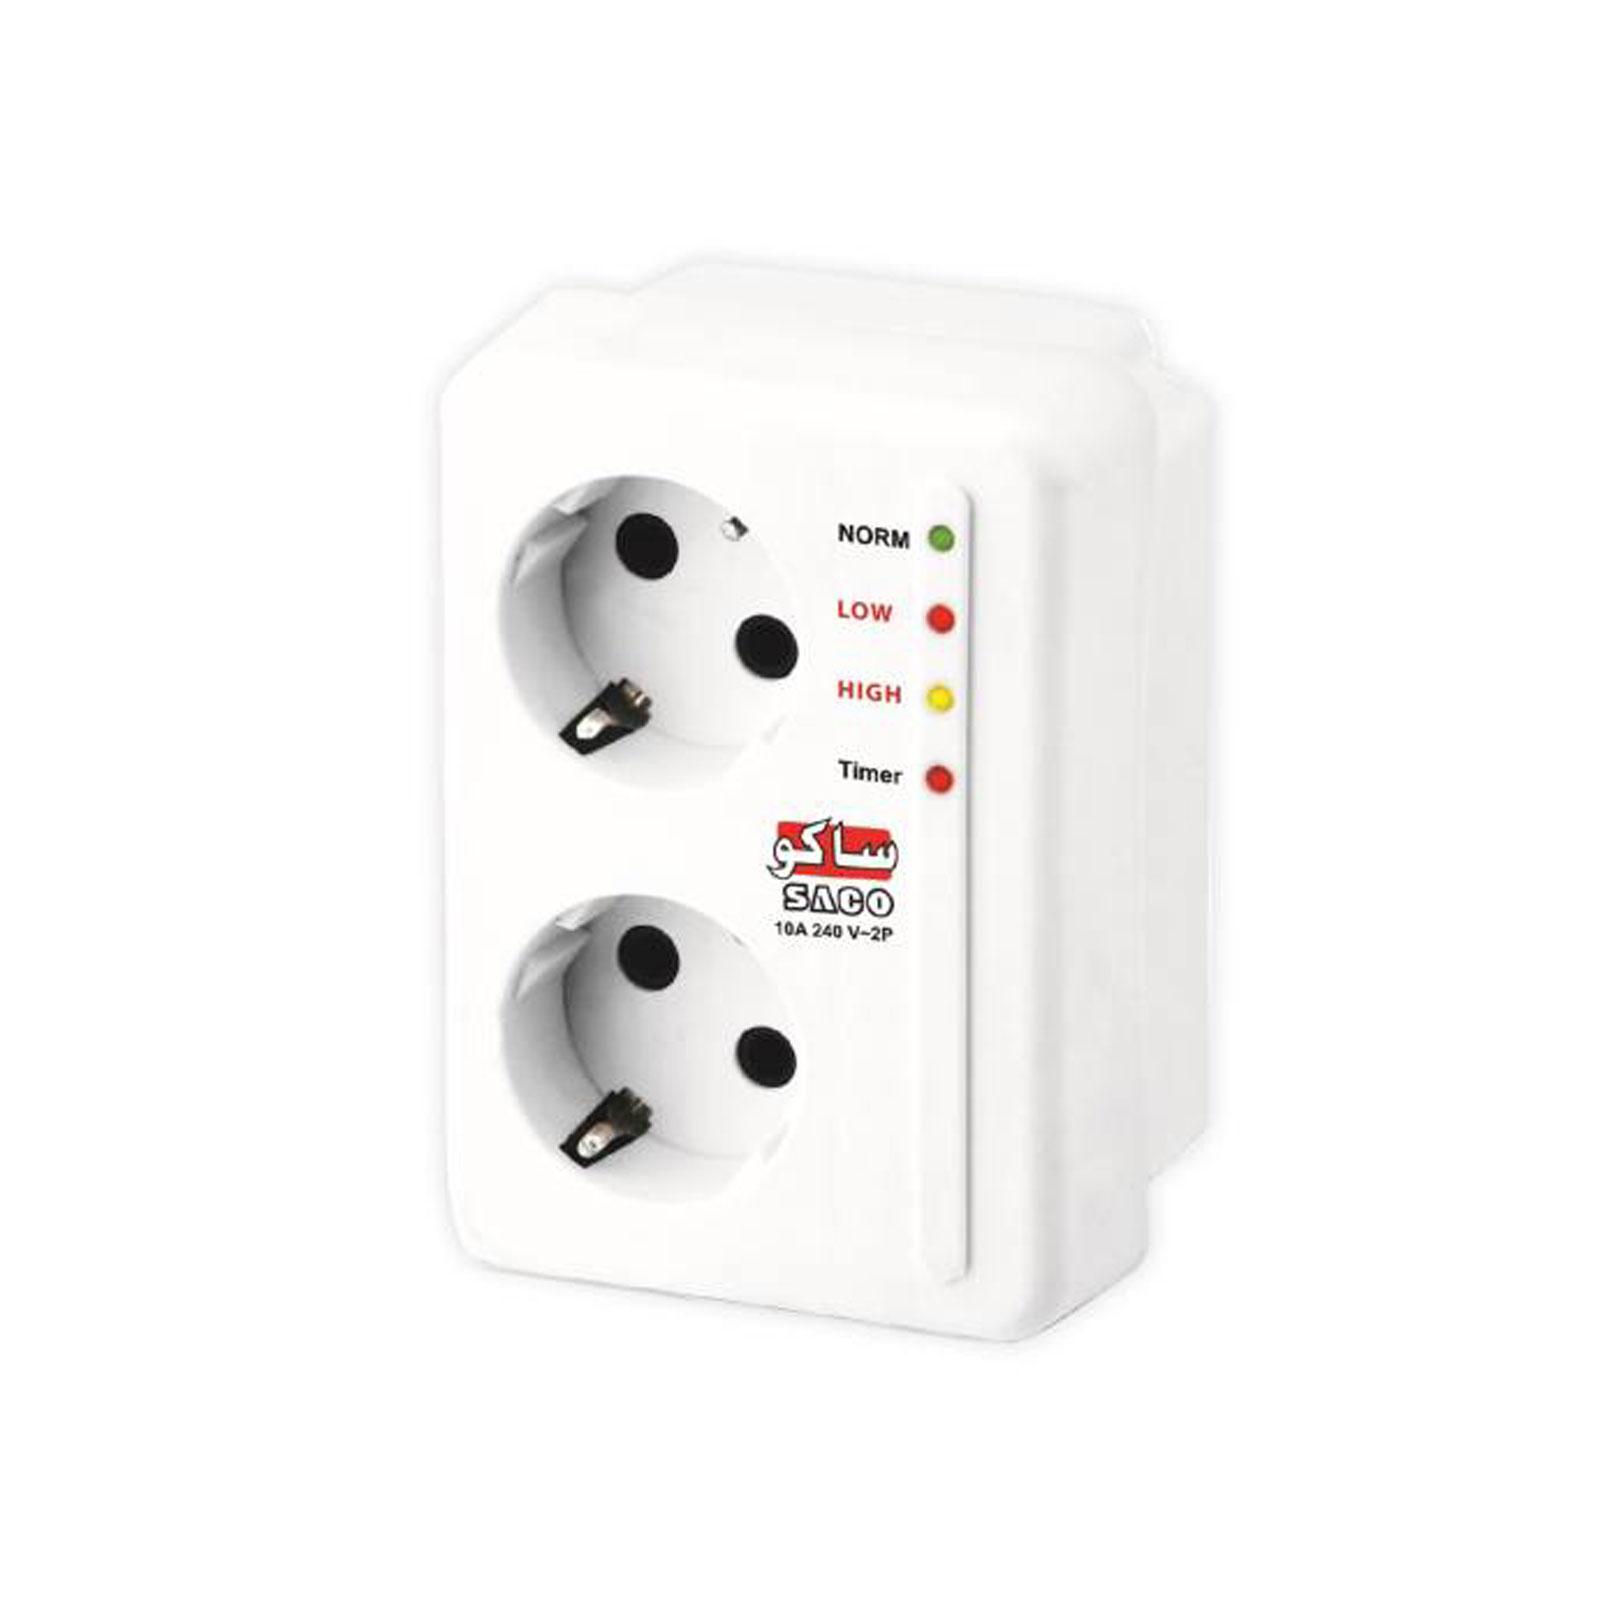 محافظ برق بدون سیم صوتی تصویری ساکو کد 22212